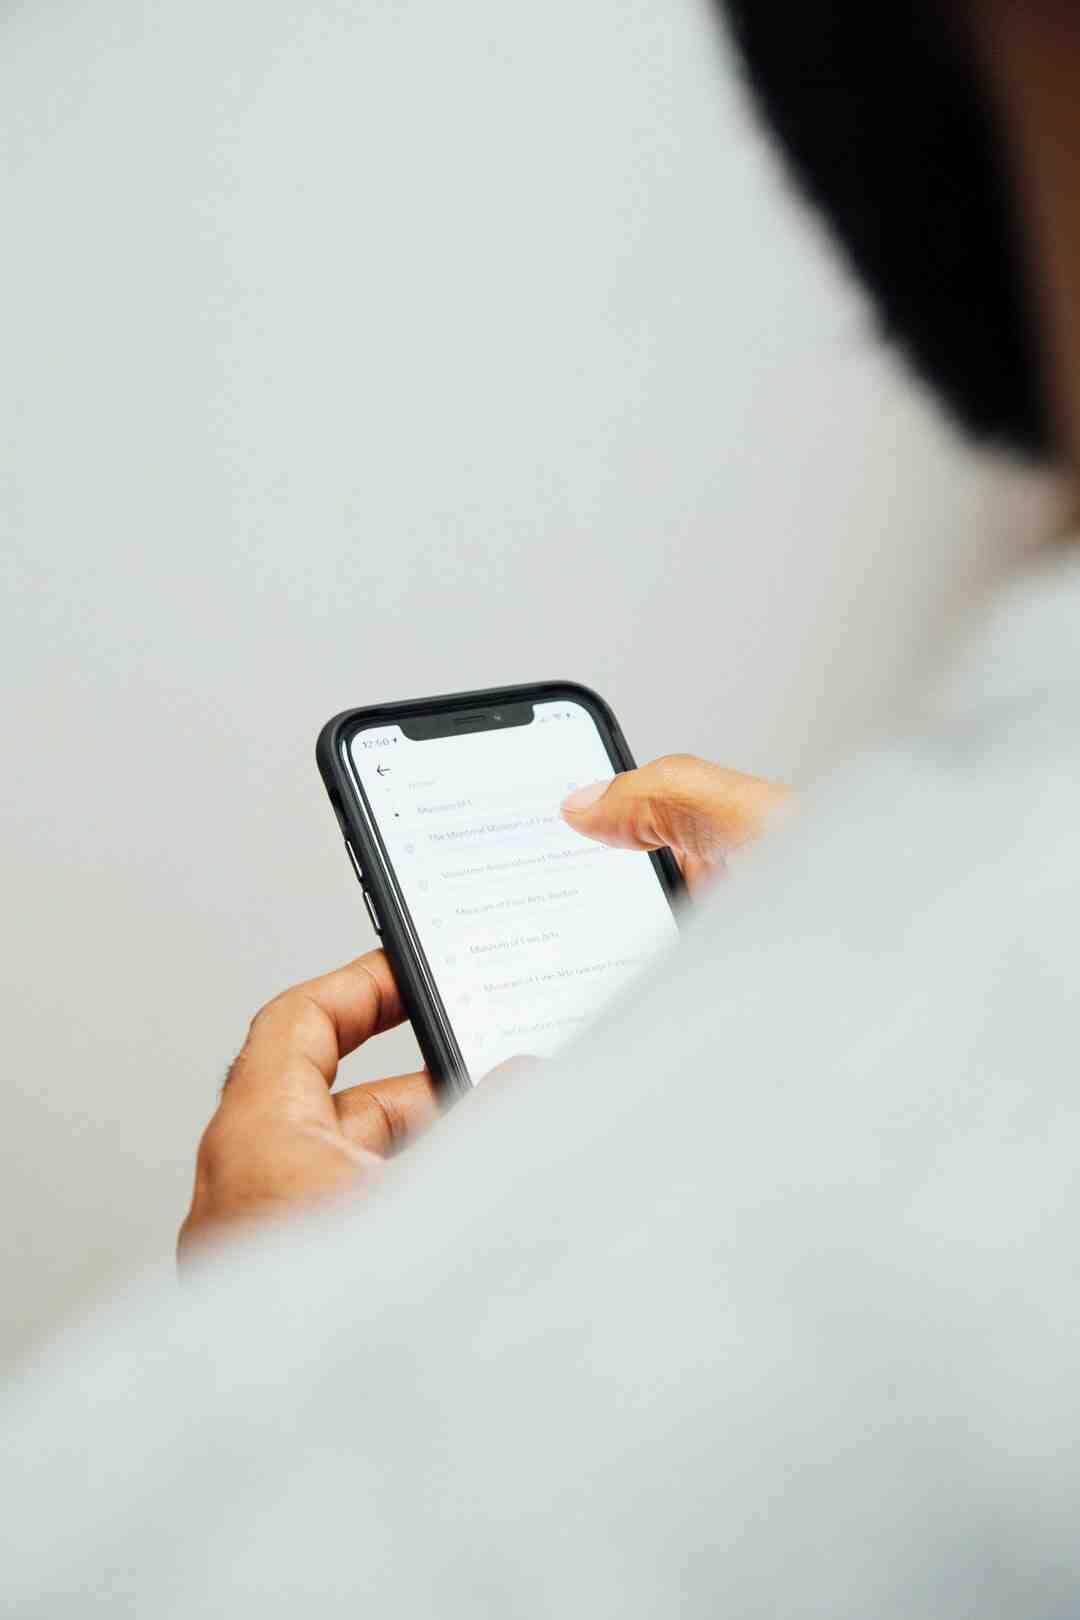 Comment reinitialiser iPhone sans code de restriction ?